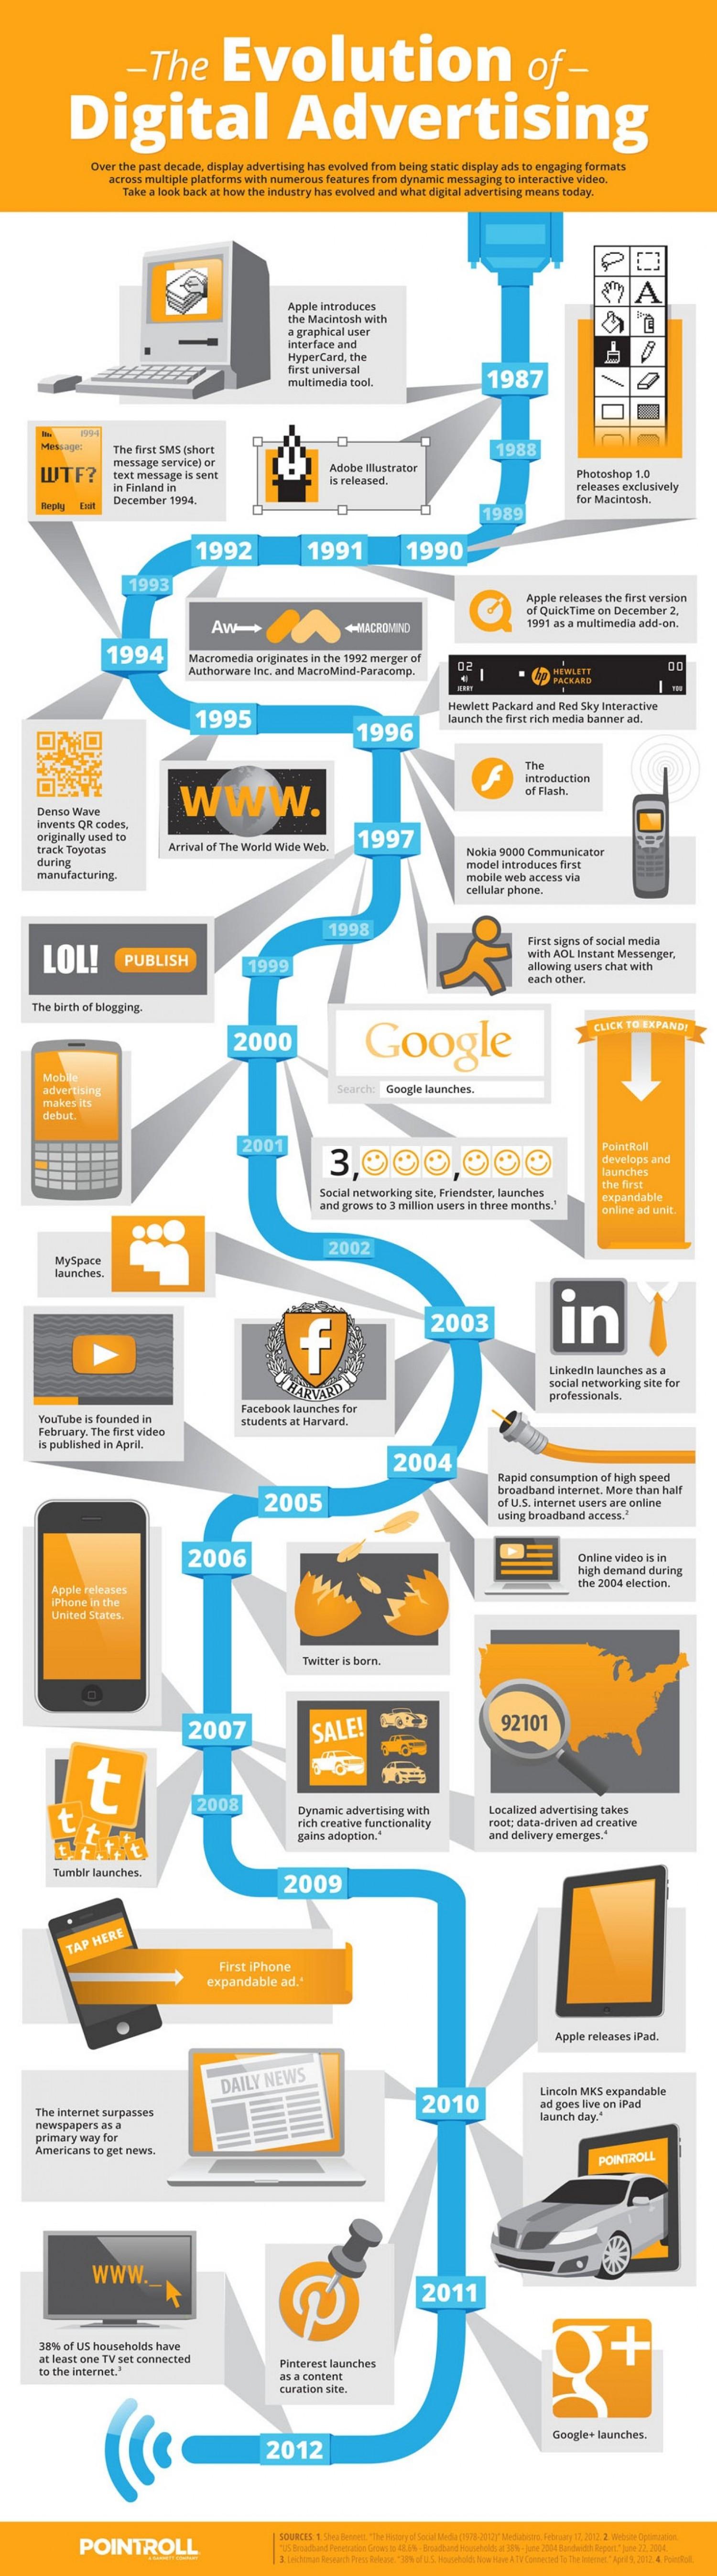 historia de la publicidad en internet